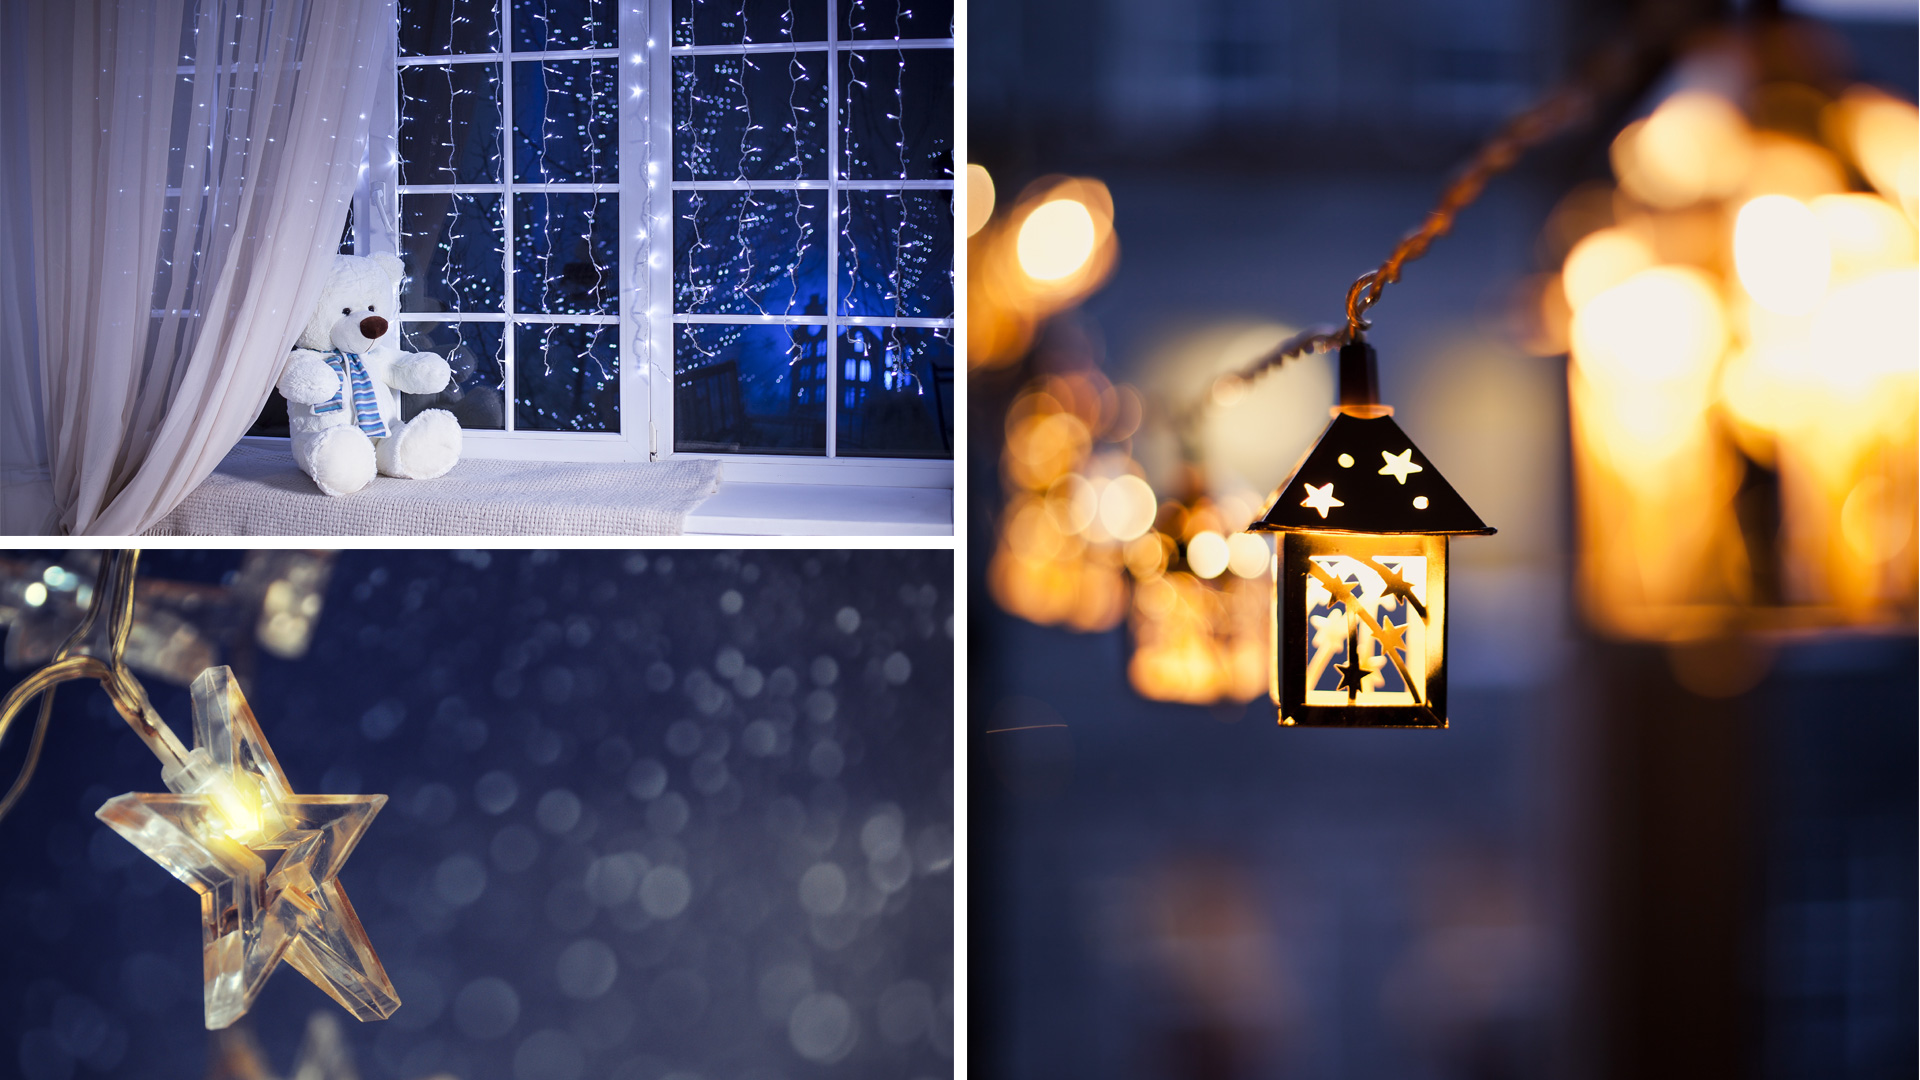 decorazioni-natalizie-nelle-finestre